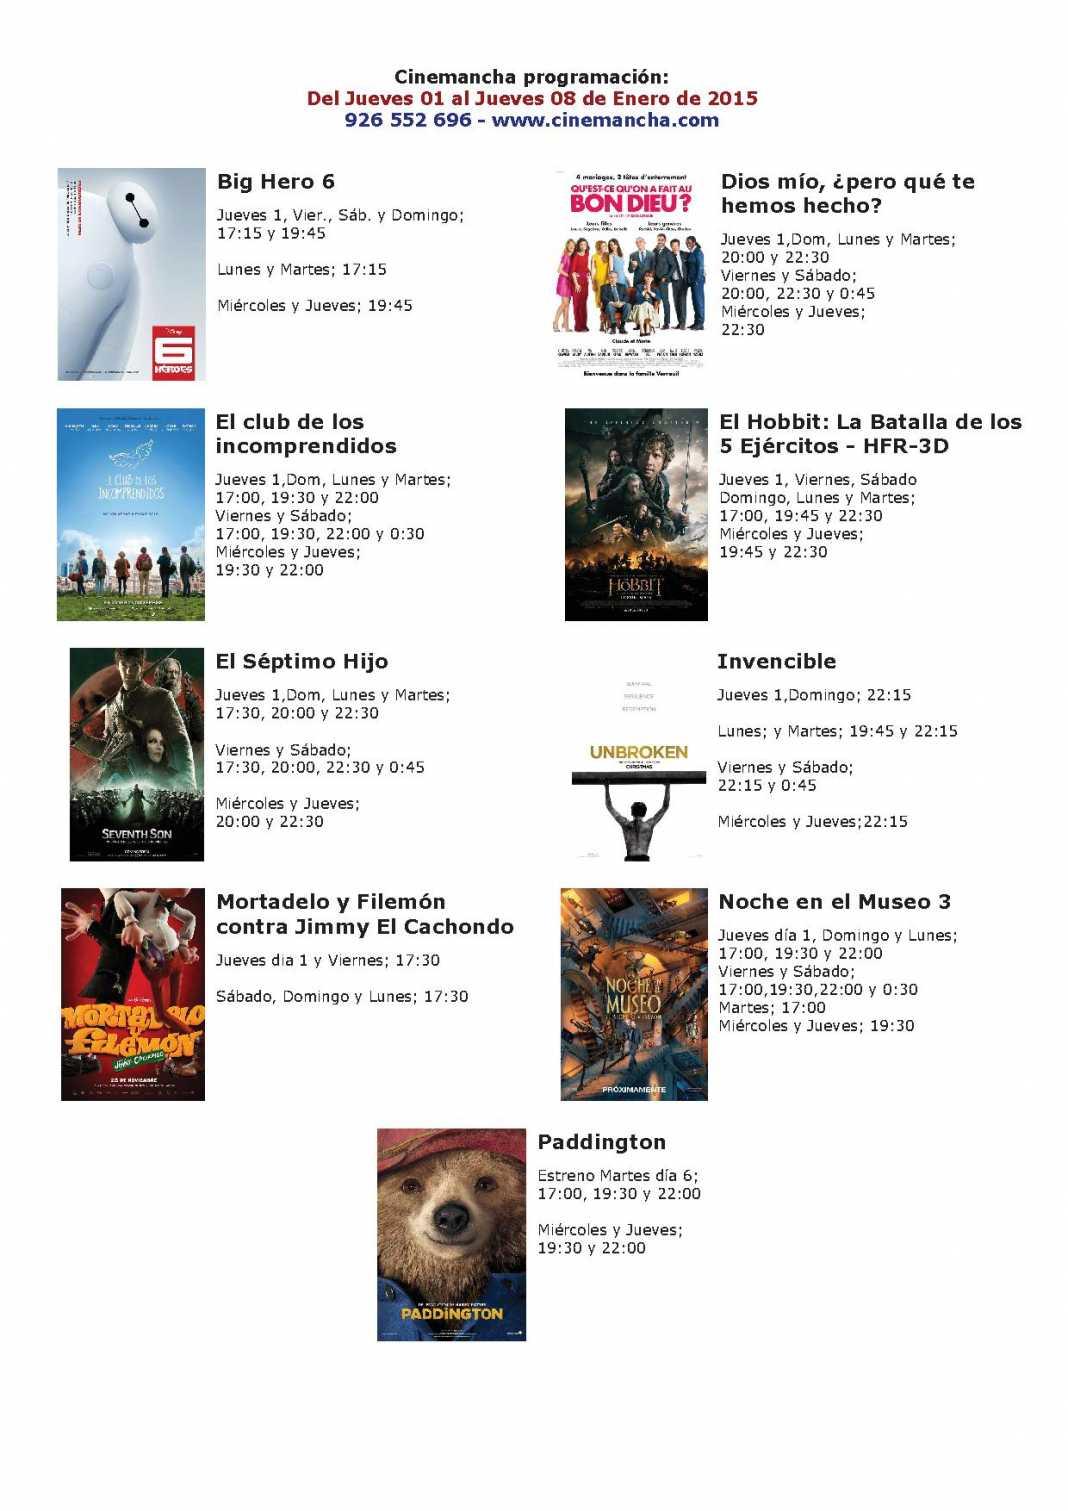 Cartelera de Cinemancha del 01 al 08 de Enero 1